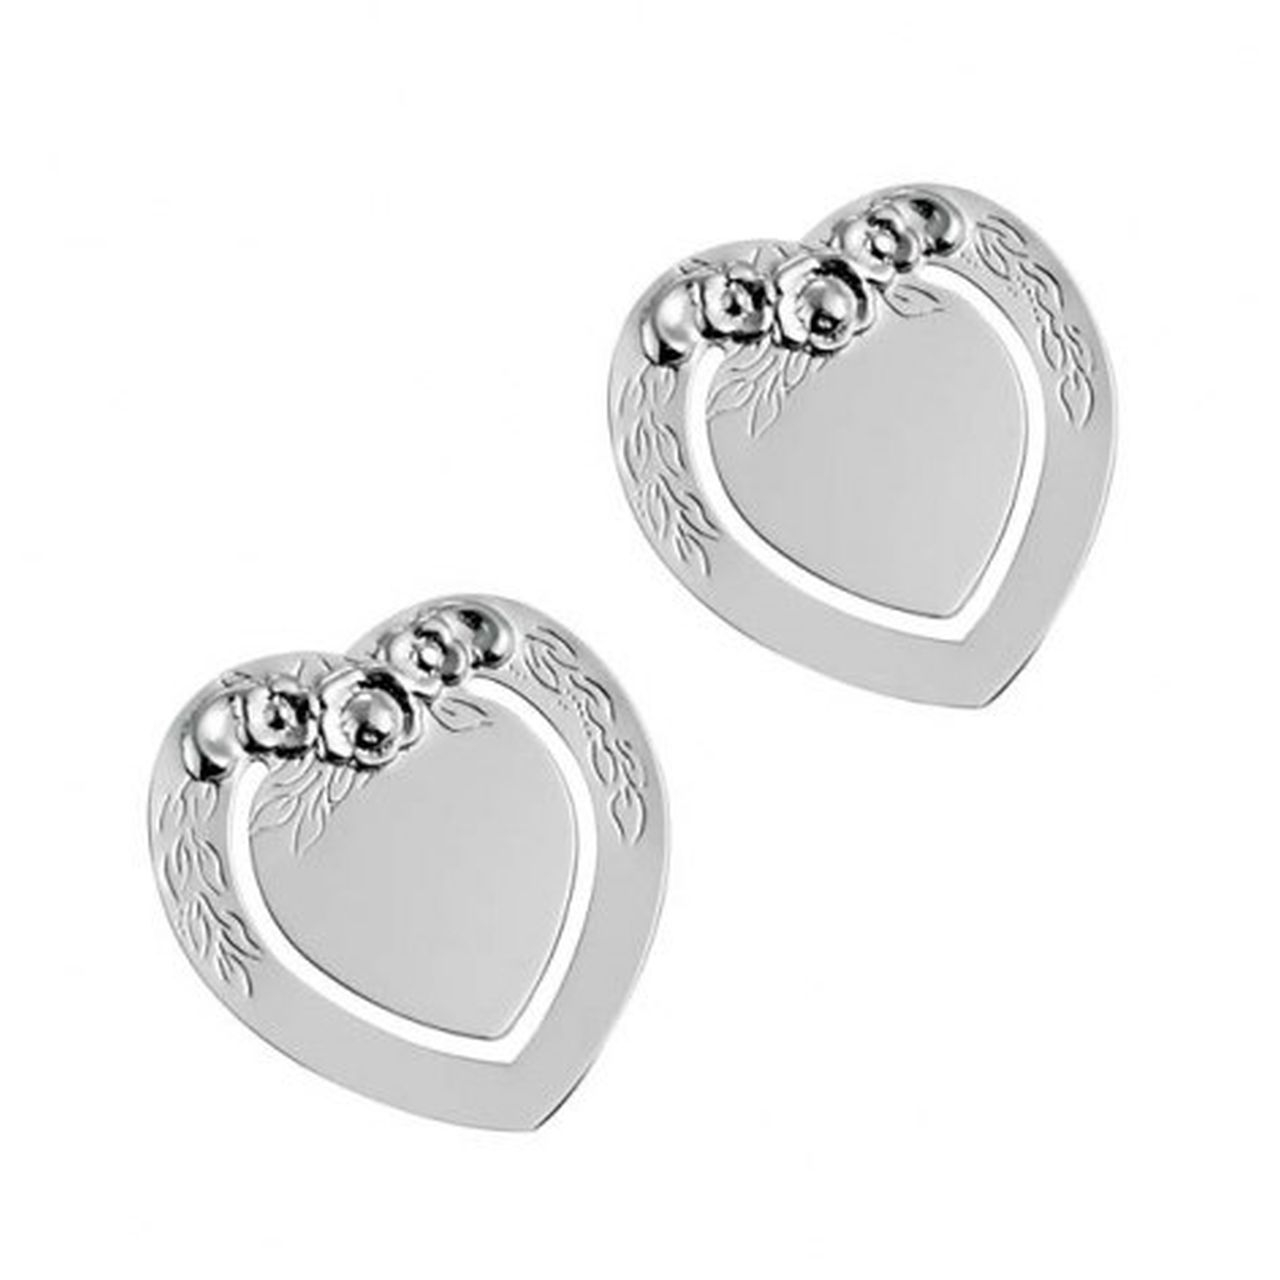 Segnalibro cuore argento silver plated con decoro set 2 pz cm.4x3,5x0,2h